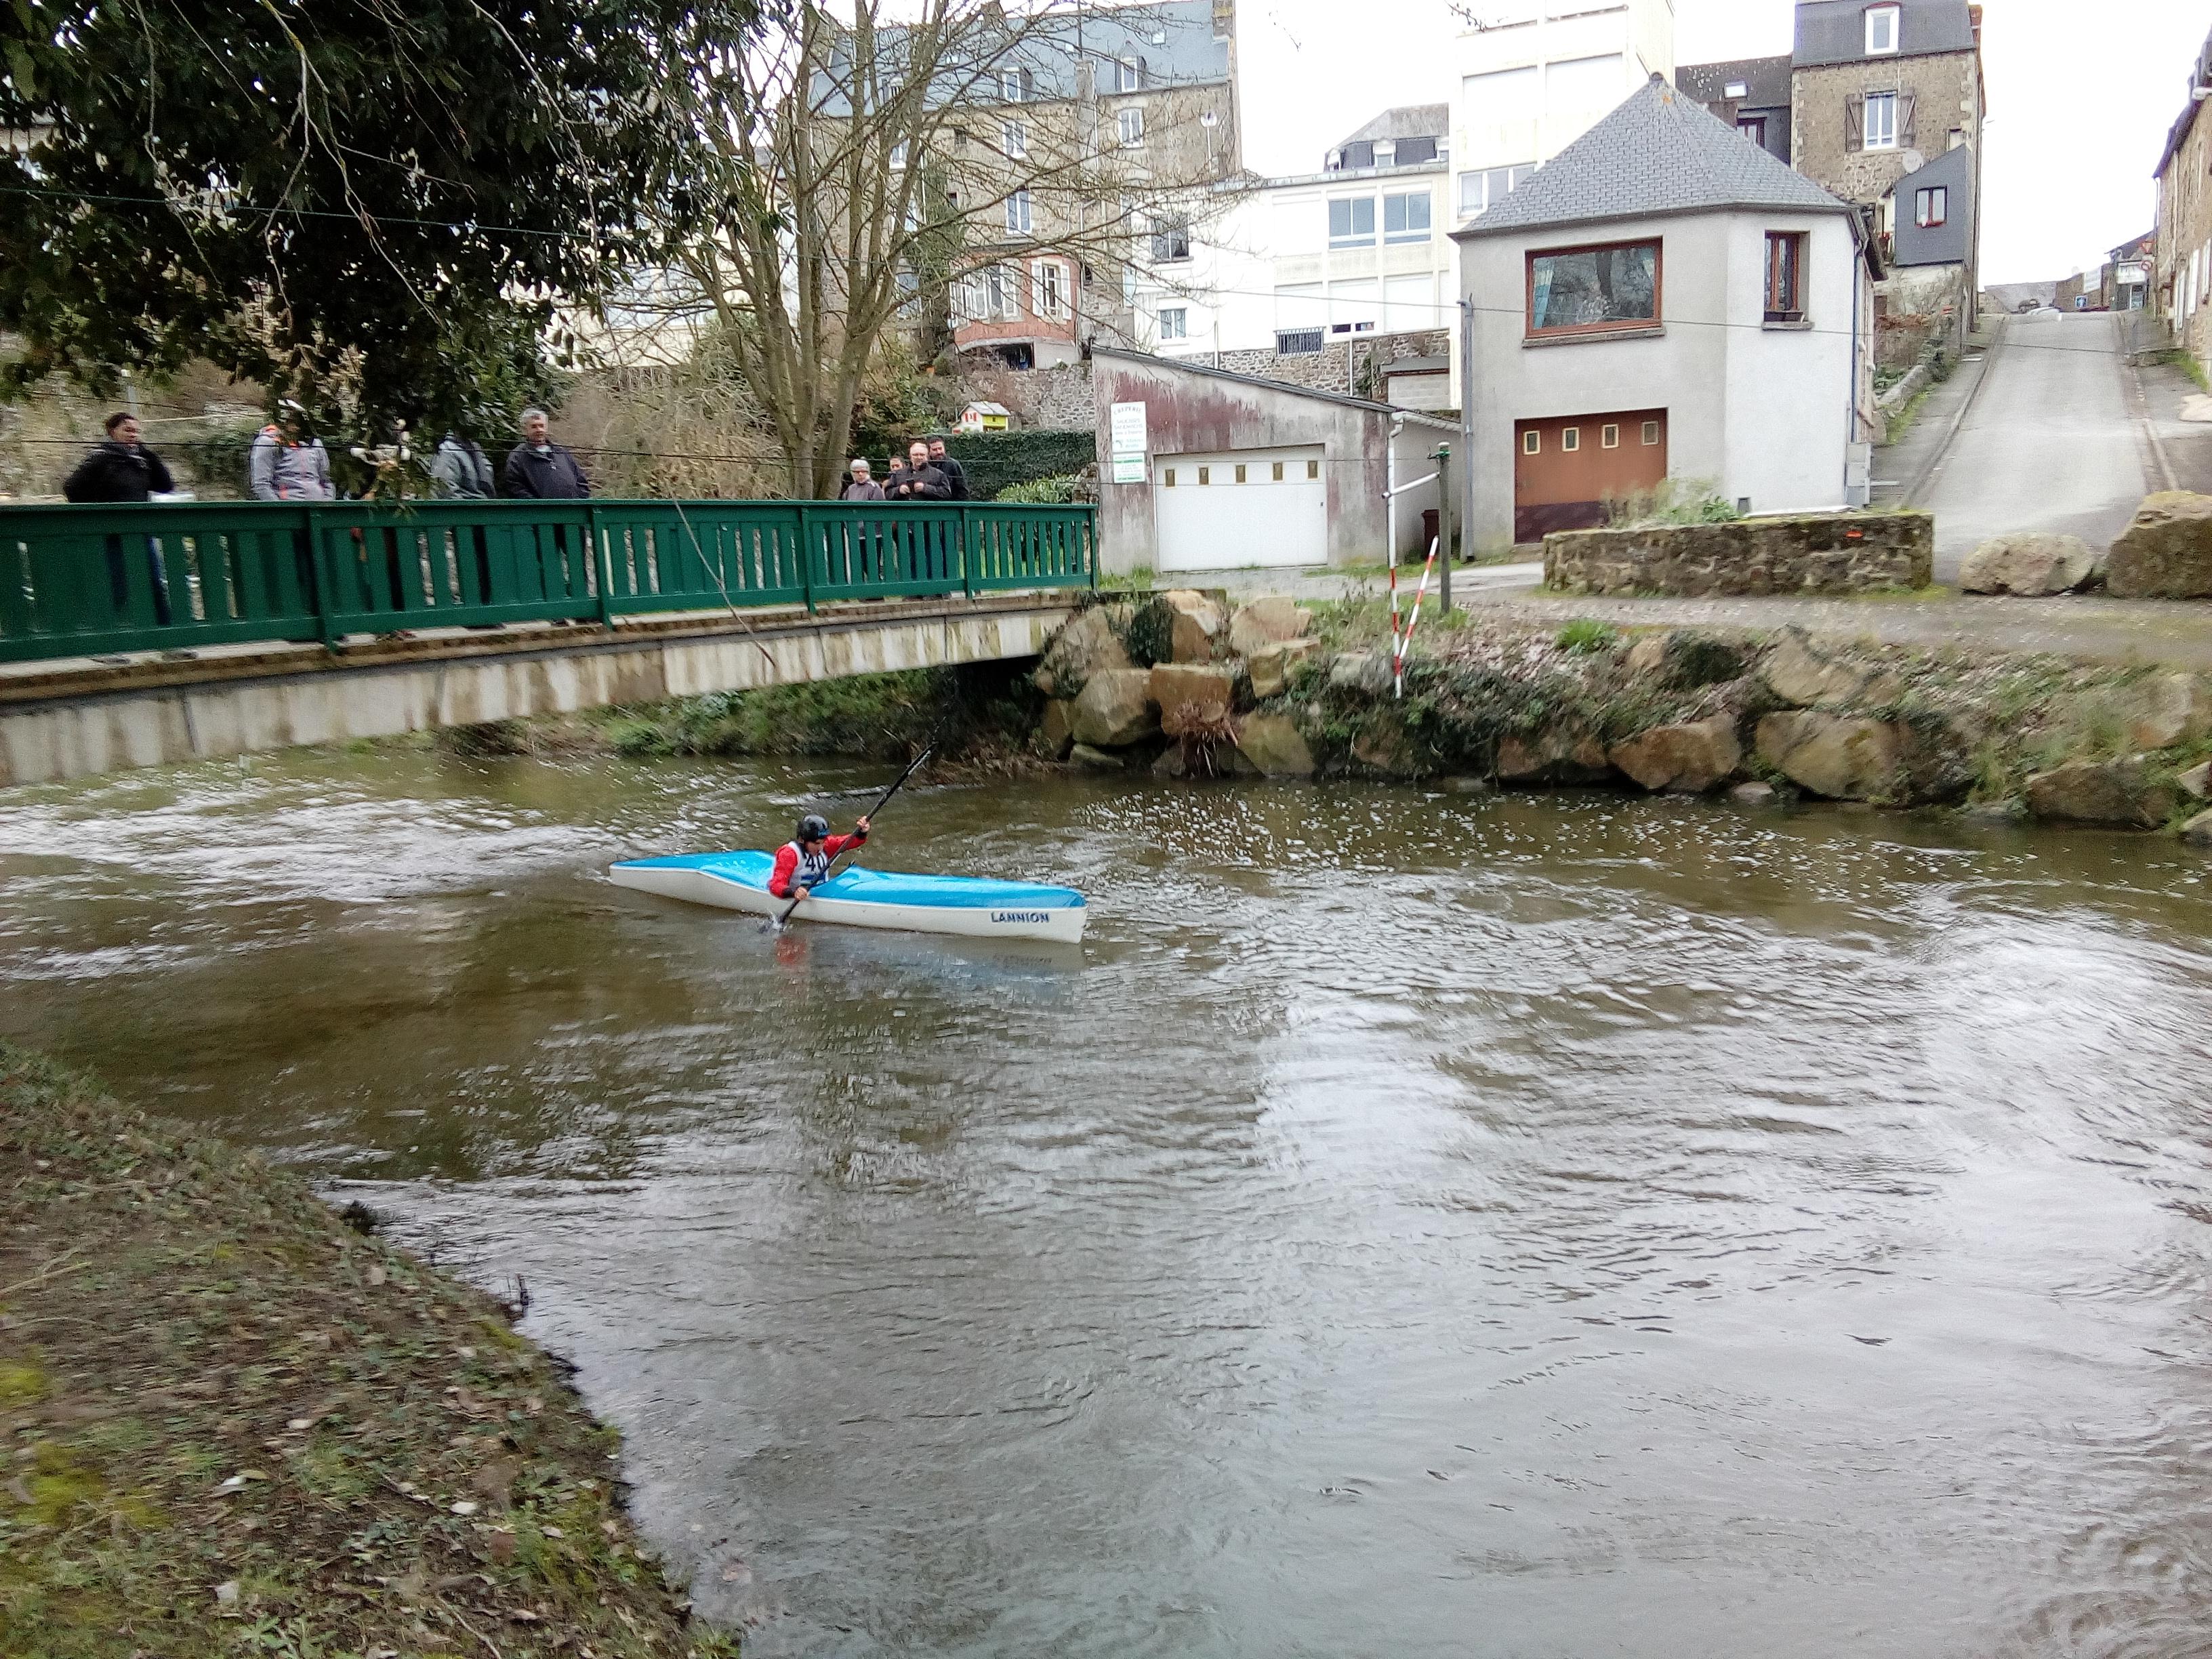 le loisir   lannion canoë kayak